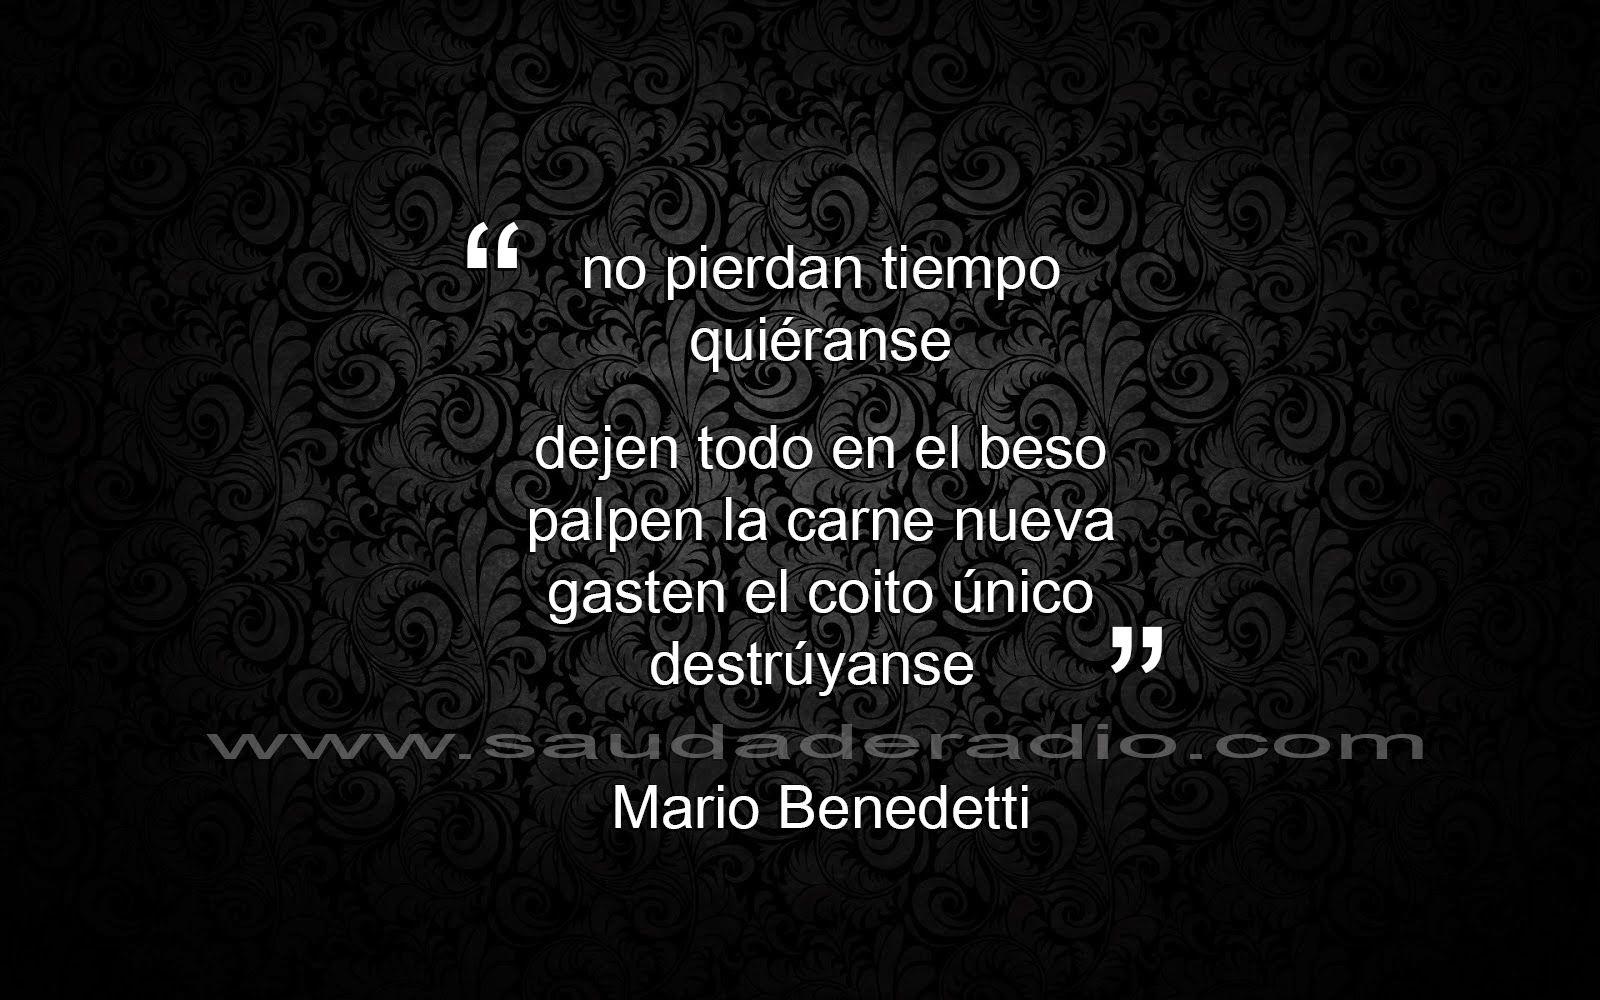 No pierdan tiempo quiéranse dejen todo en el beso papel a carne nueva gasten el coito ºnico destrºyanse Mario Benedetti